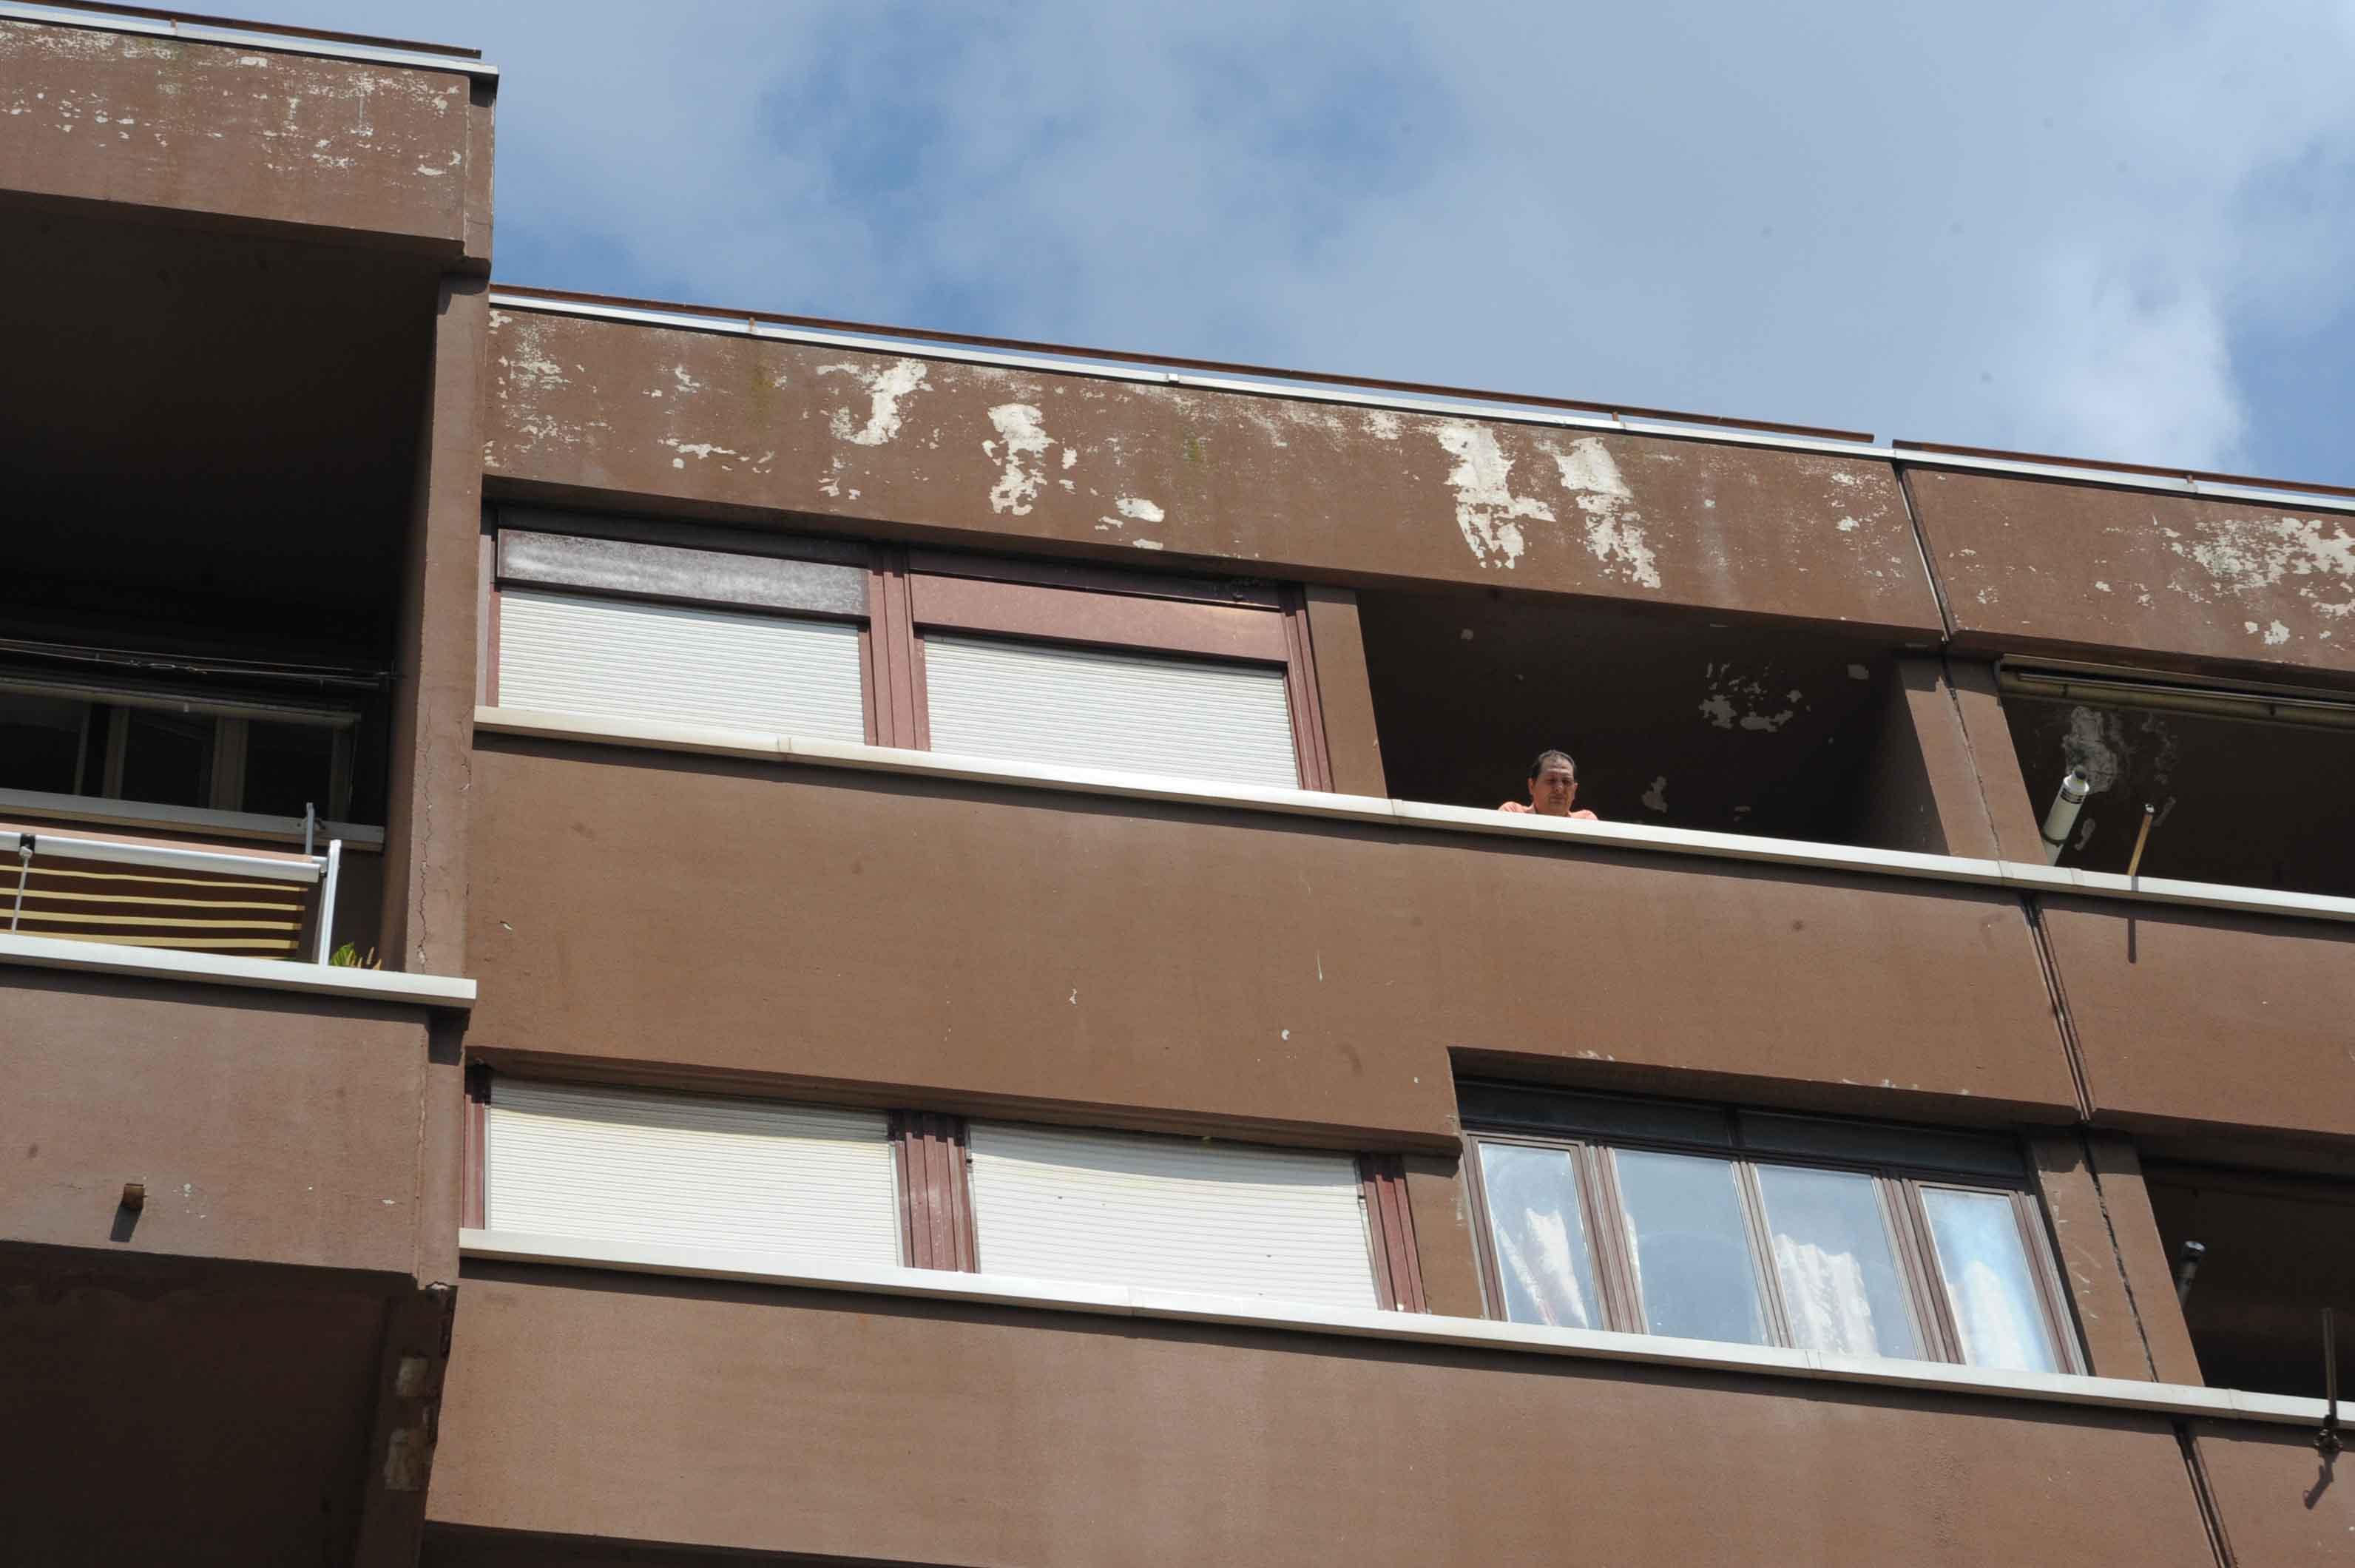 Il balcone dal quale è caduto il bambino (Foto Proto)